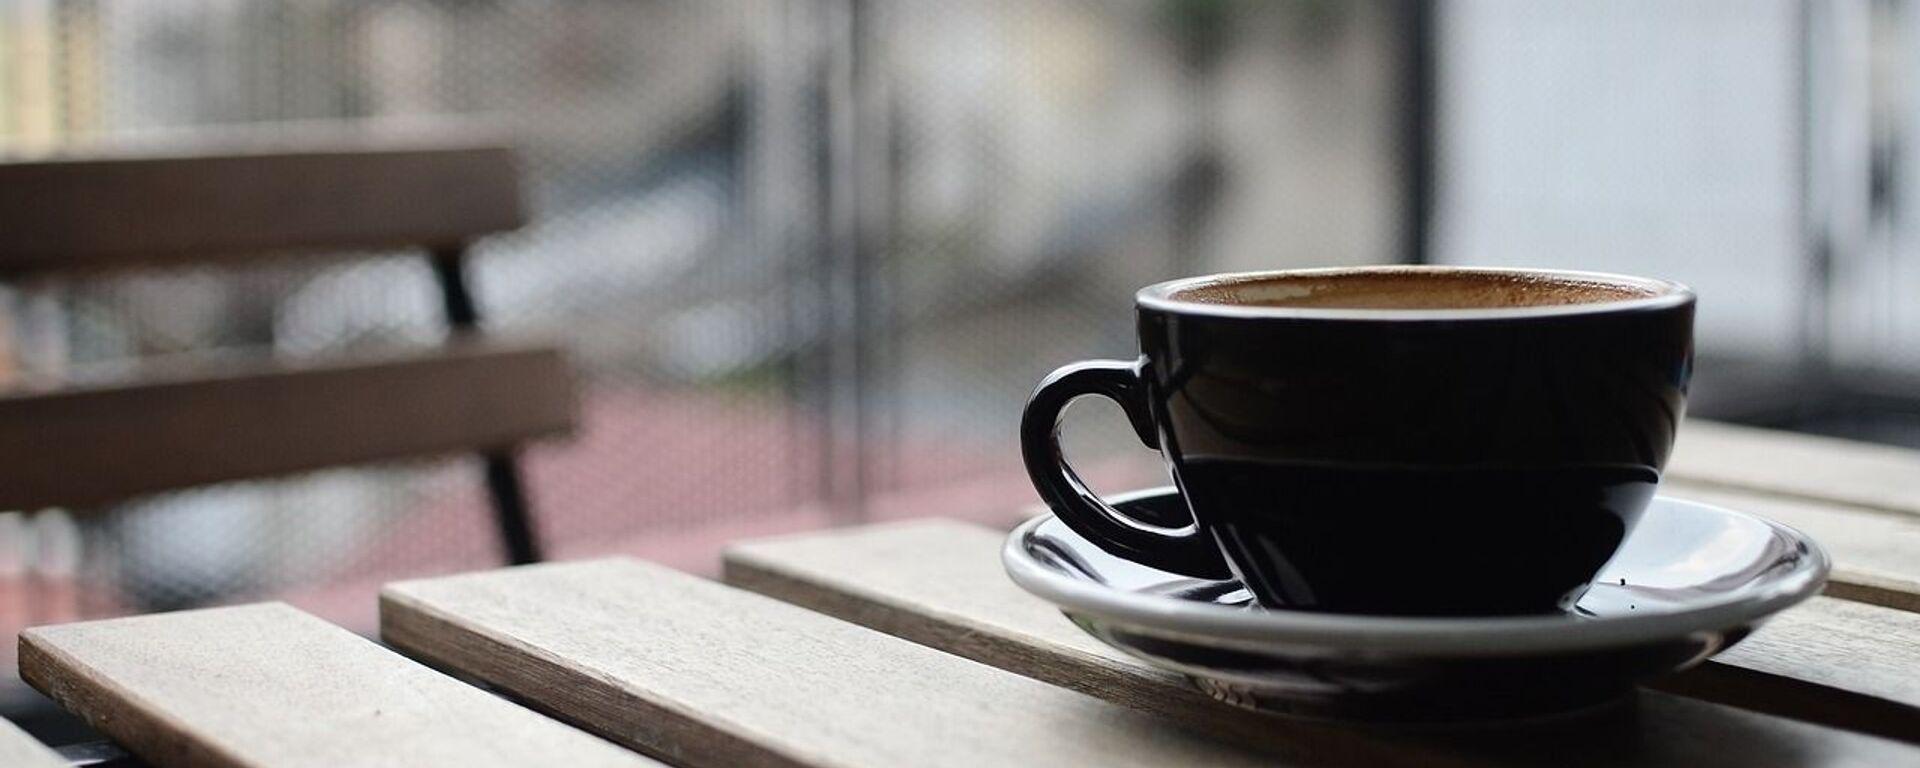 Καφές.  - Sputnik Ελλάδα, 1920, 09.09.2021